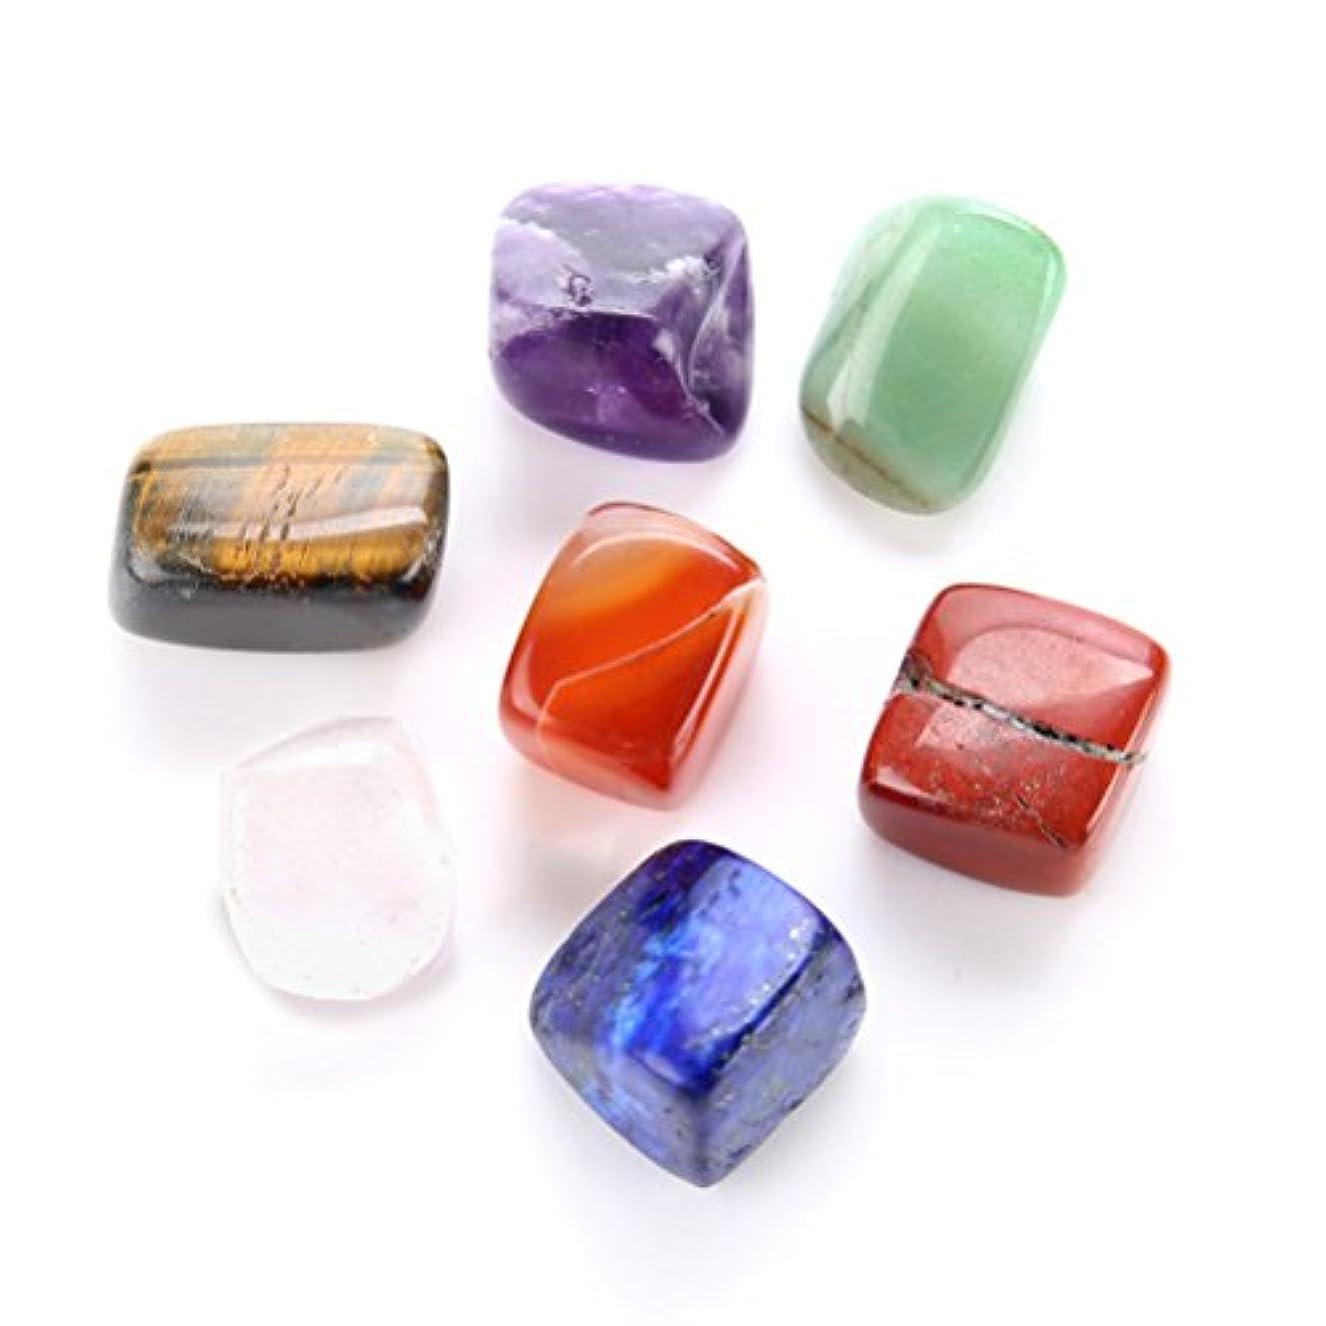 絡み合い熱心倫理的ULTNICE 癒しの結晶宝石7チャクラ心配の石は、アースバランスのために